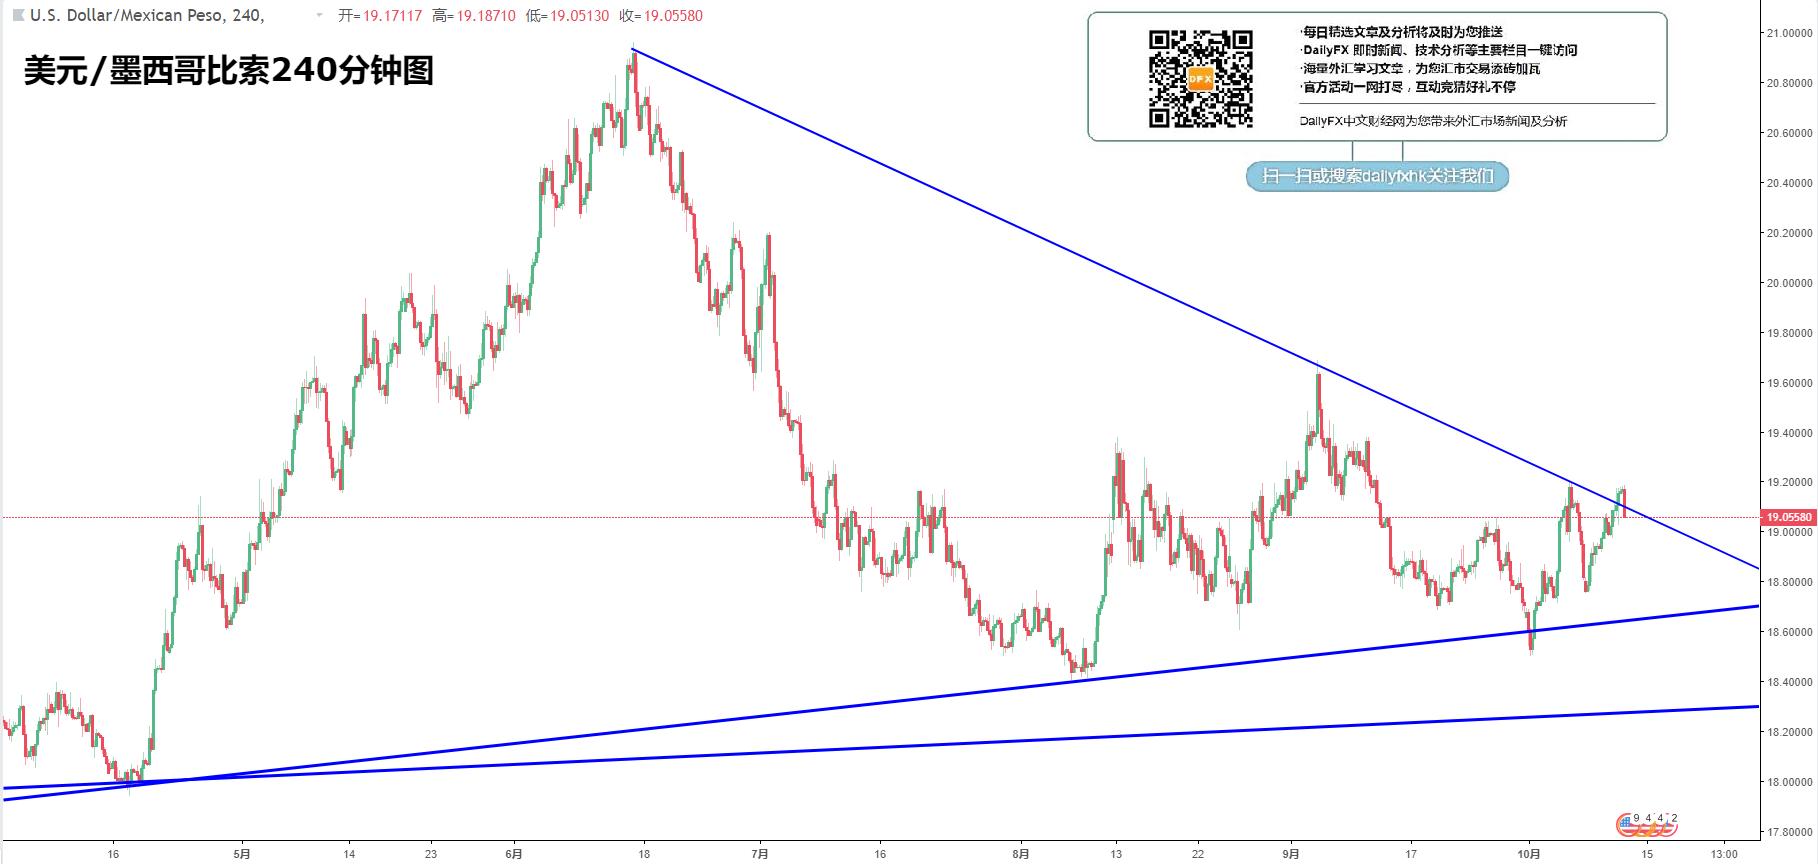 新興市場貨幣:美元/土耳其里拉、美元/俄羅斯盧布、美元/墨西哥比索、美元/南非蘭特走勢分析(10月11日)